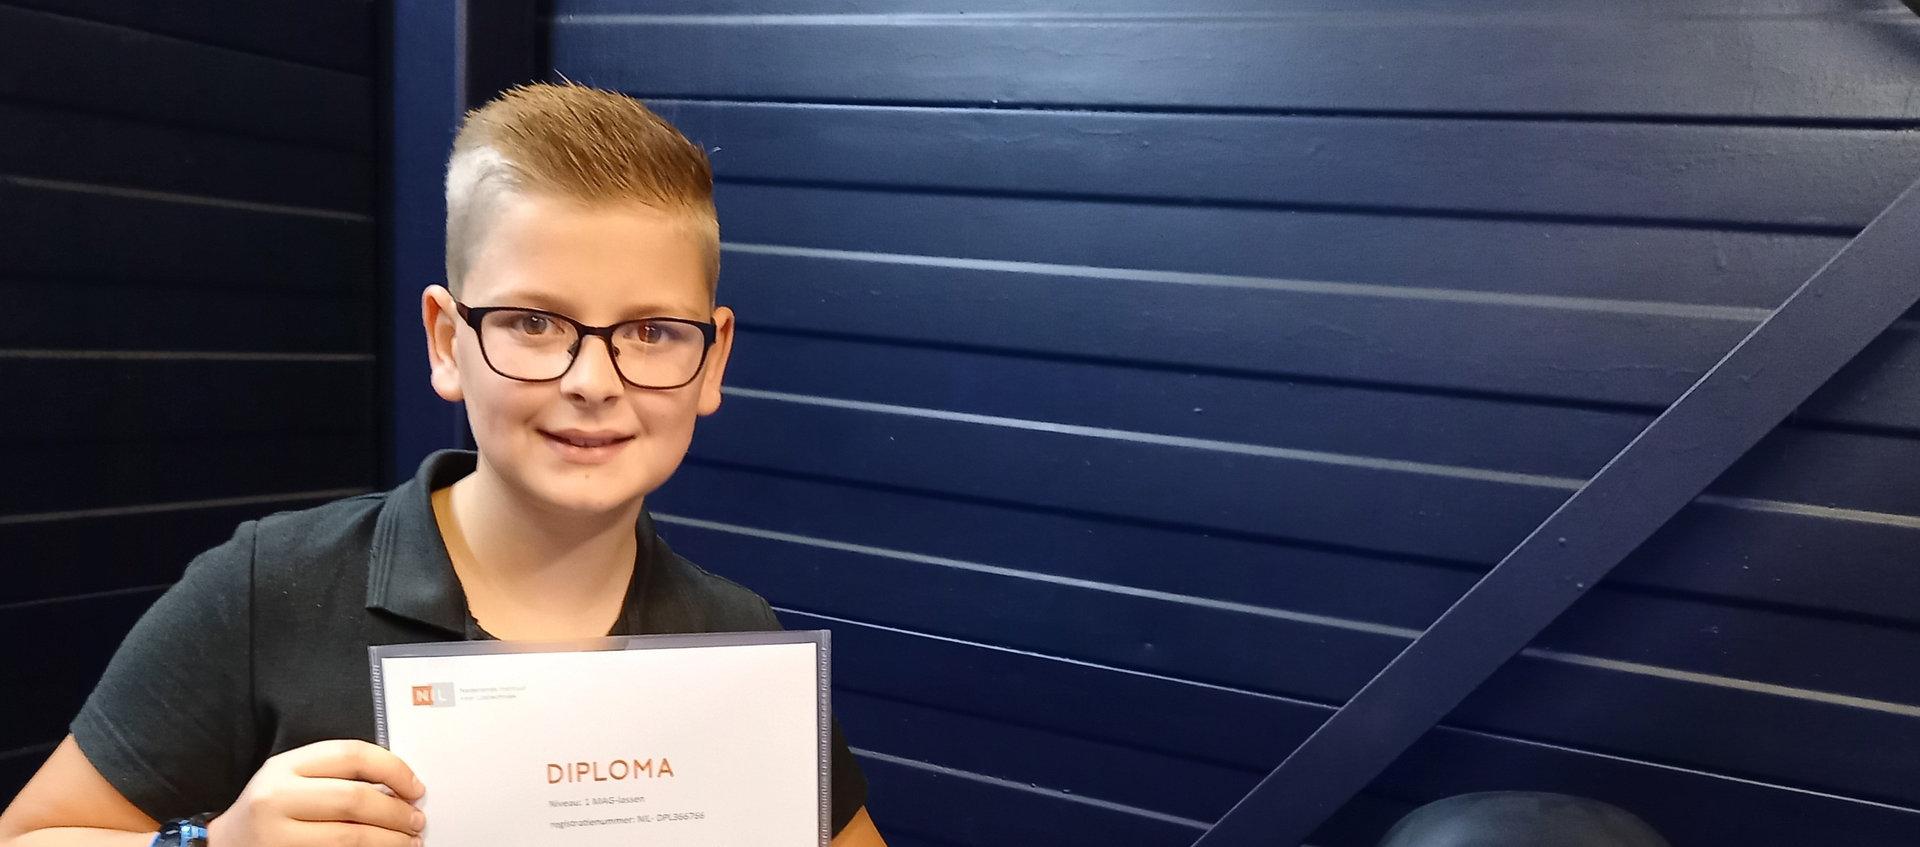 Matthijs ten Hagen - 11 jaar - haalt z'n eerste lasdiploma